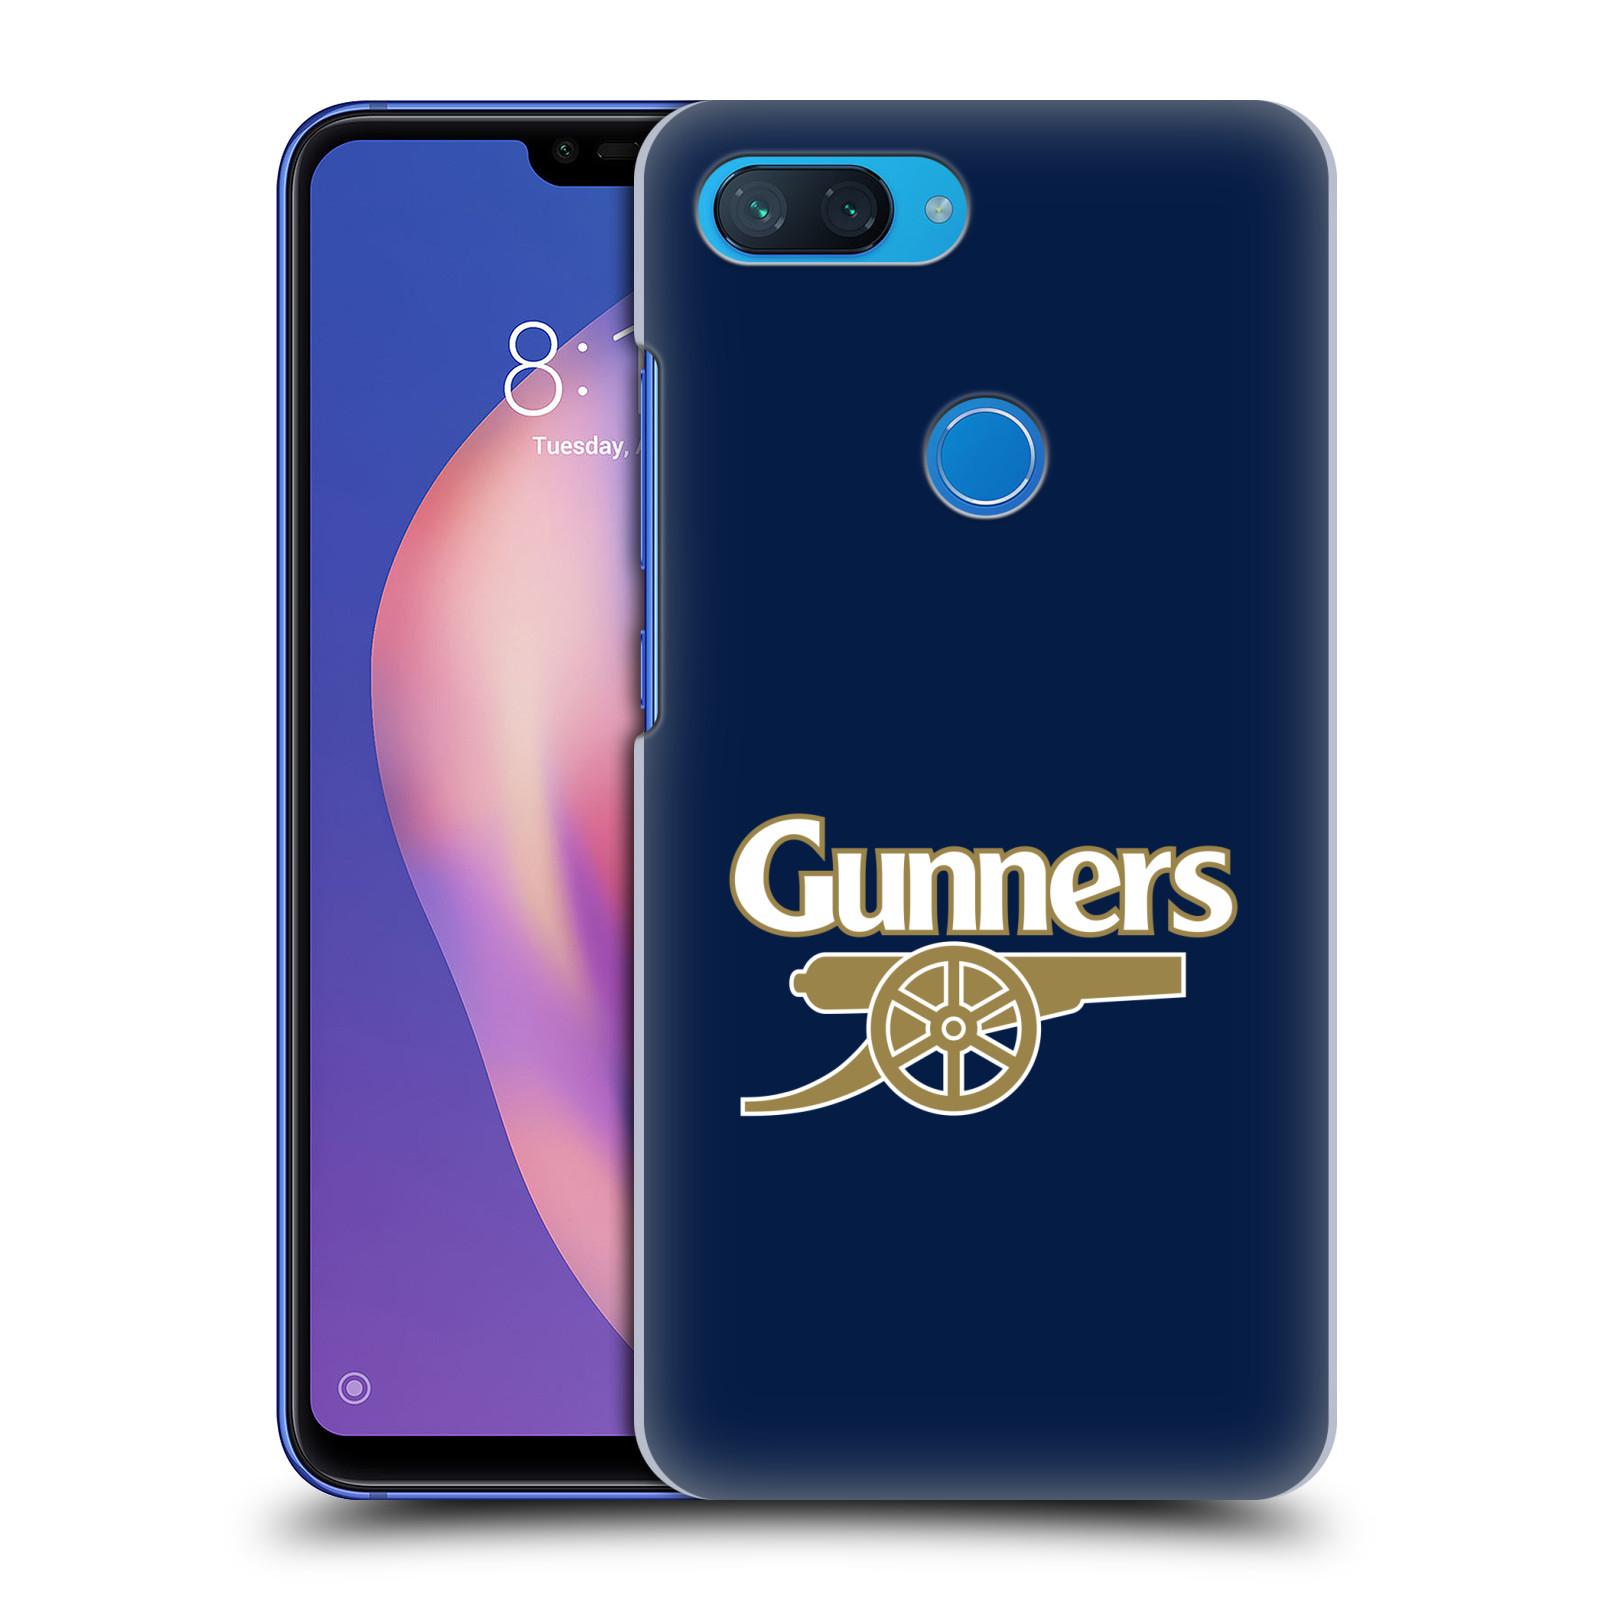 Plastové pouzdro na mobil Xiaomi Mi 8 Lite - Head Case - Arsenal FC - Gunners